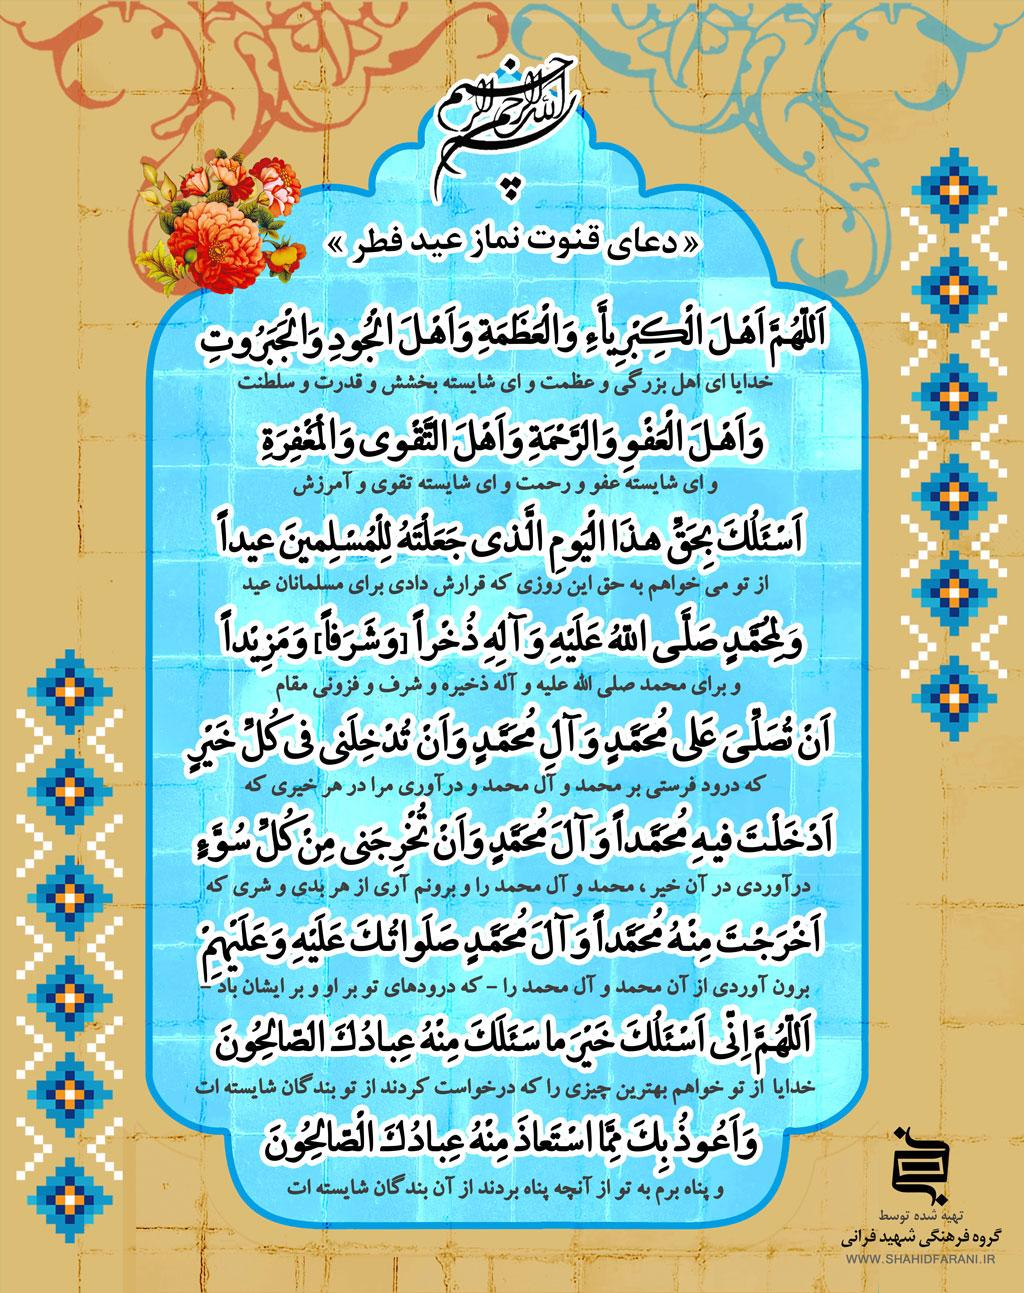 پوستر دعای قنوت نماز عید فطر